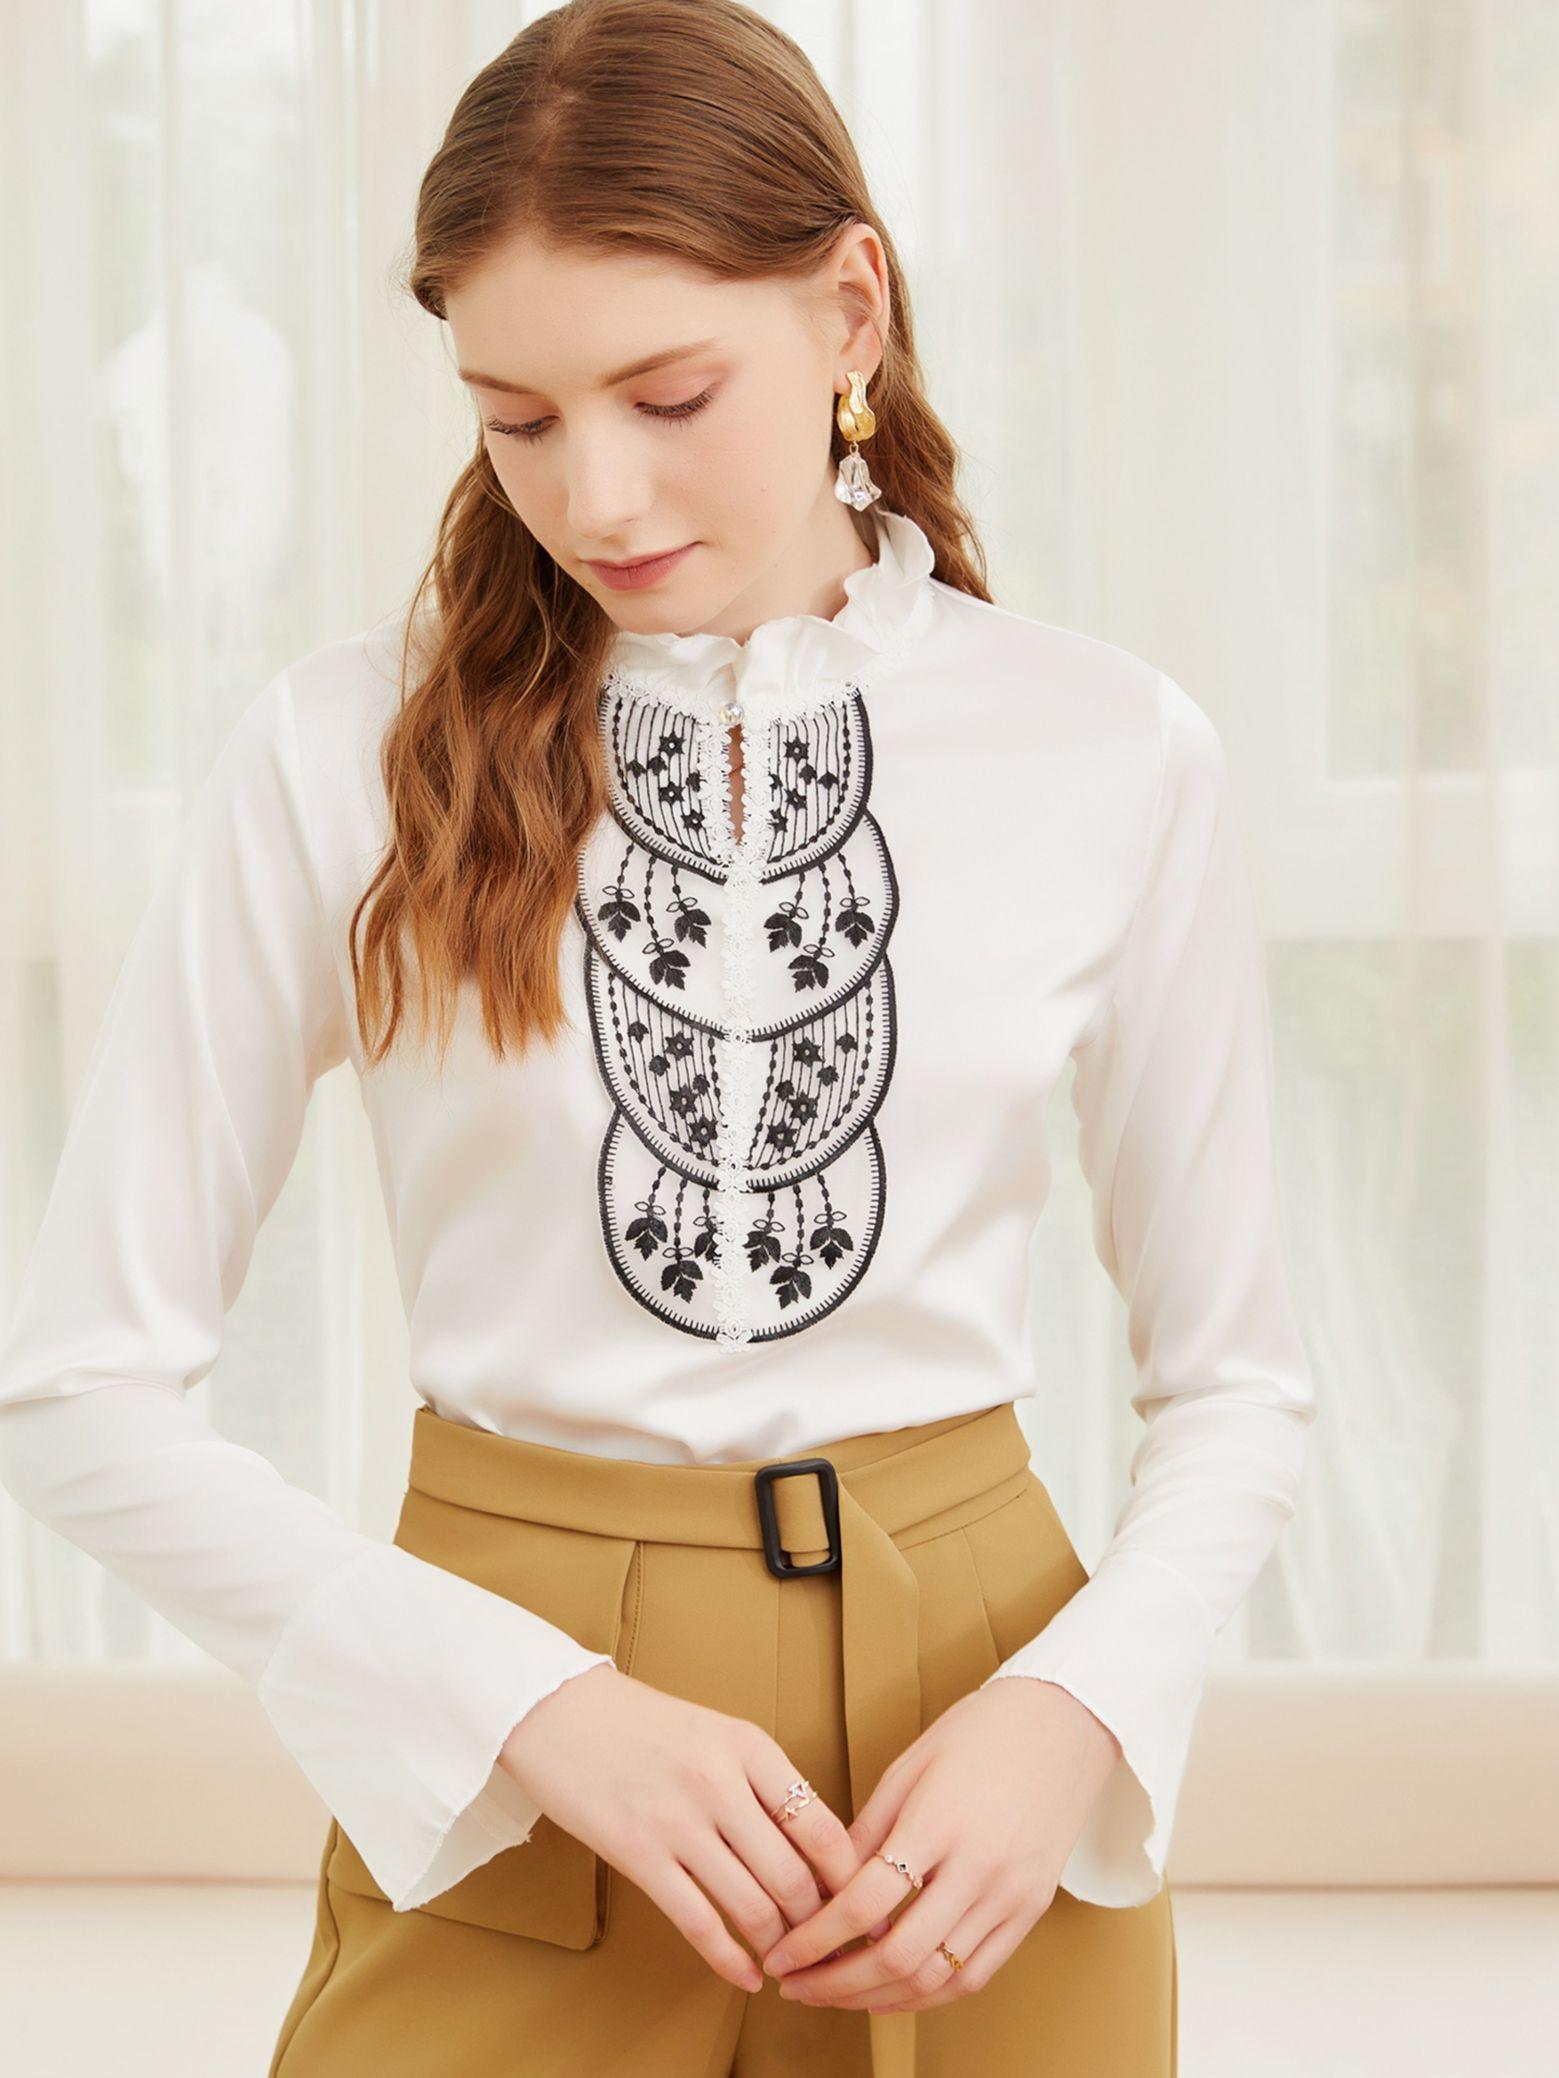 fashion-women's-ear-edge-stand-collar-top-2021-spring-and-autumn-new-chaozhou-chiffon-shirt-sleeve-women's-shirt